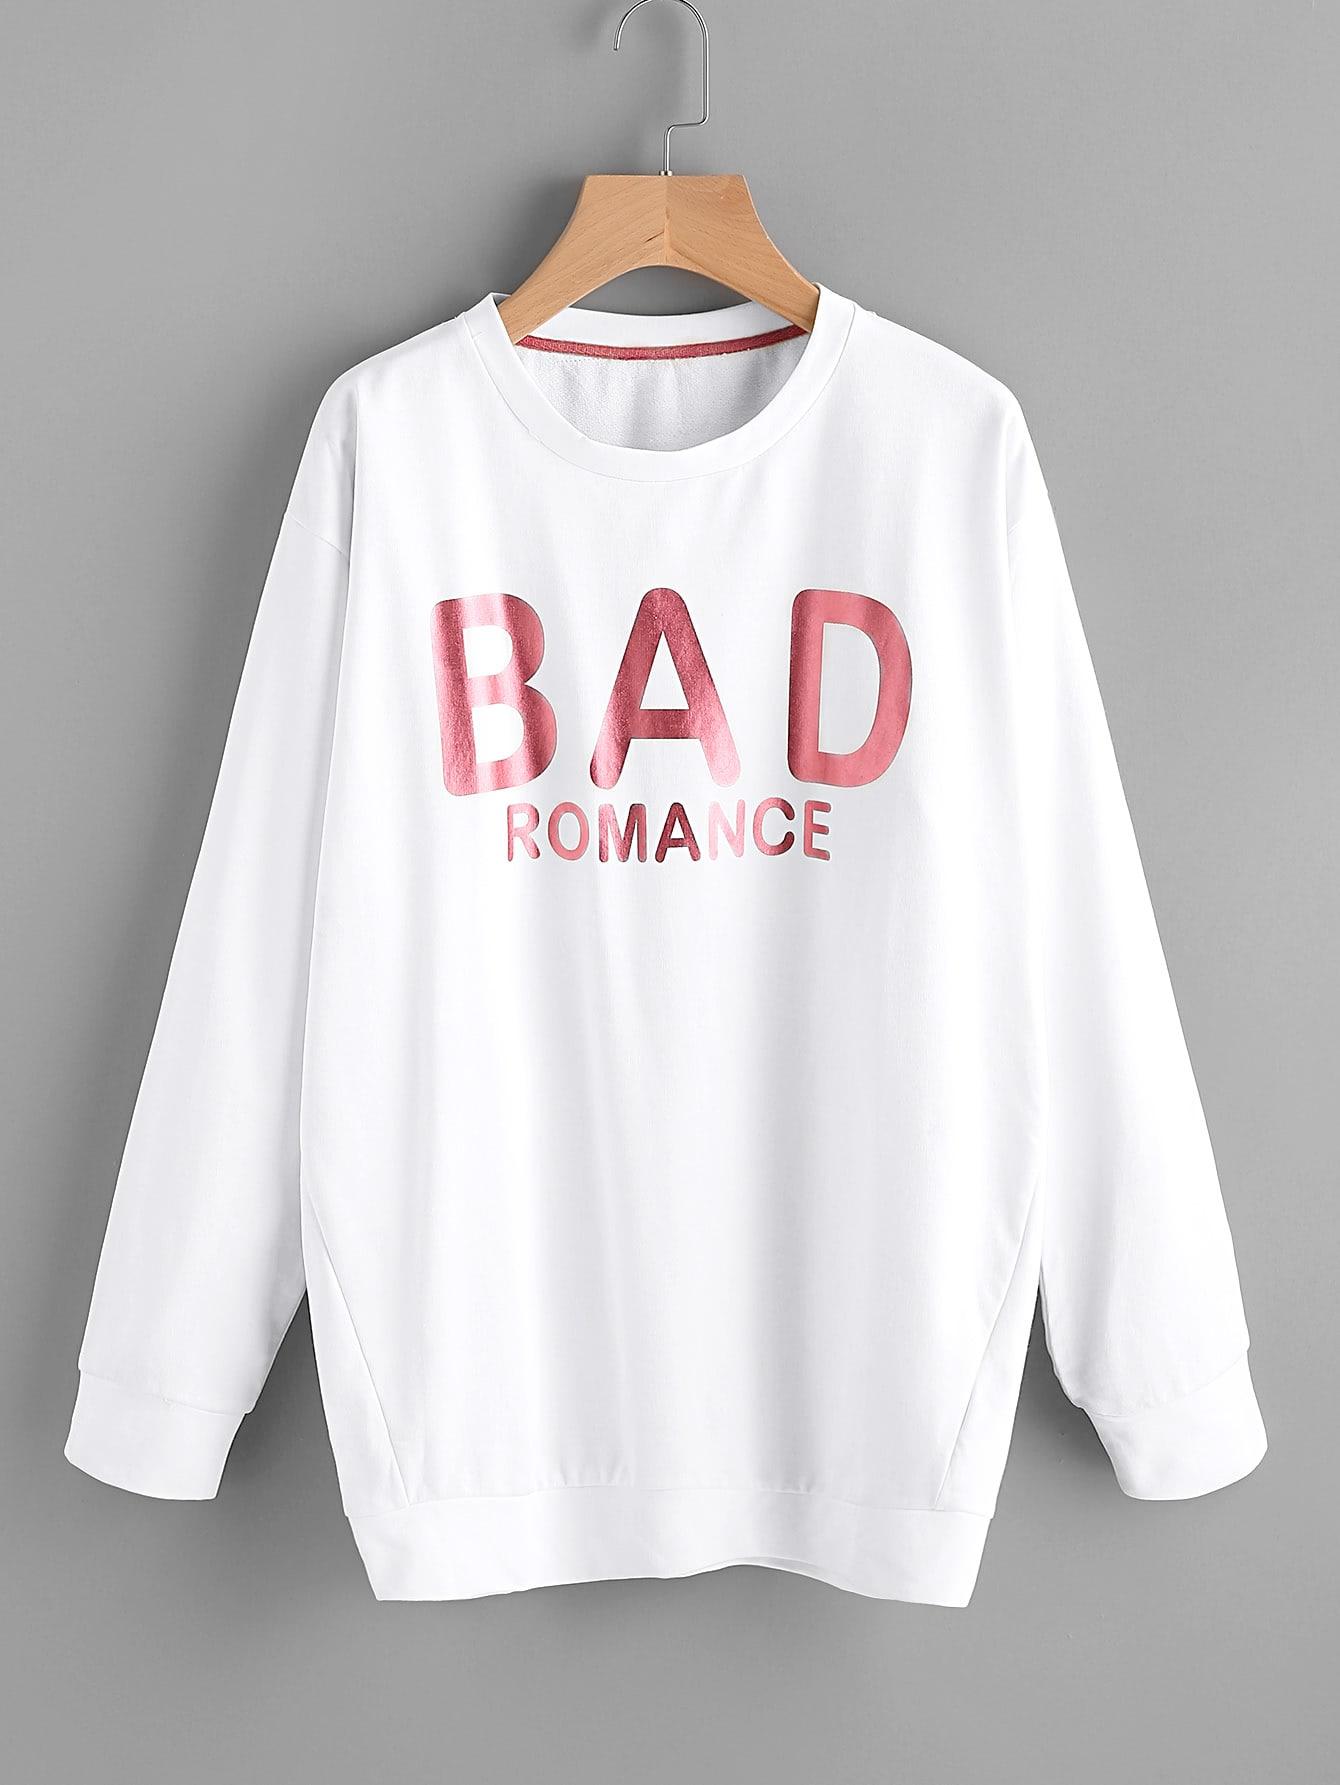 Bad Romance Longline Sweatshirt sweatshirt170718450